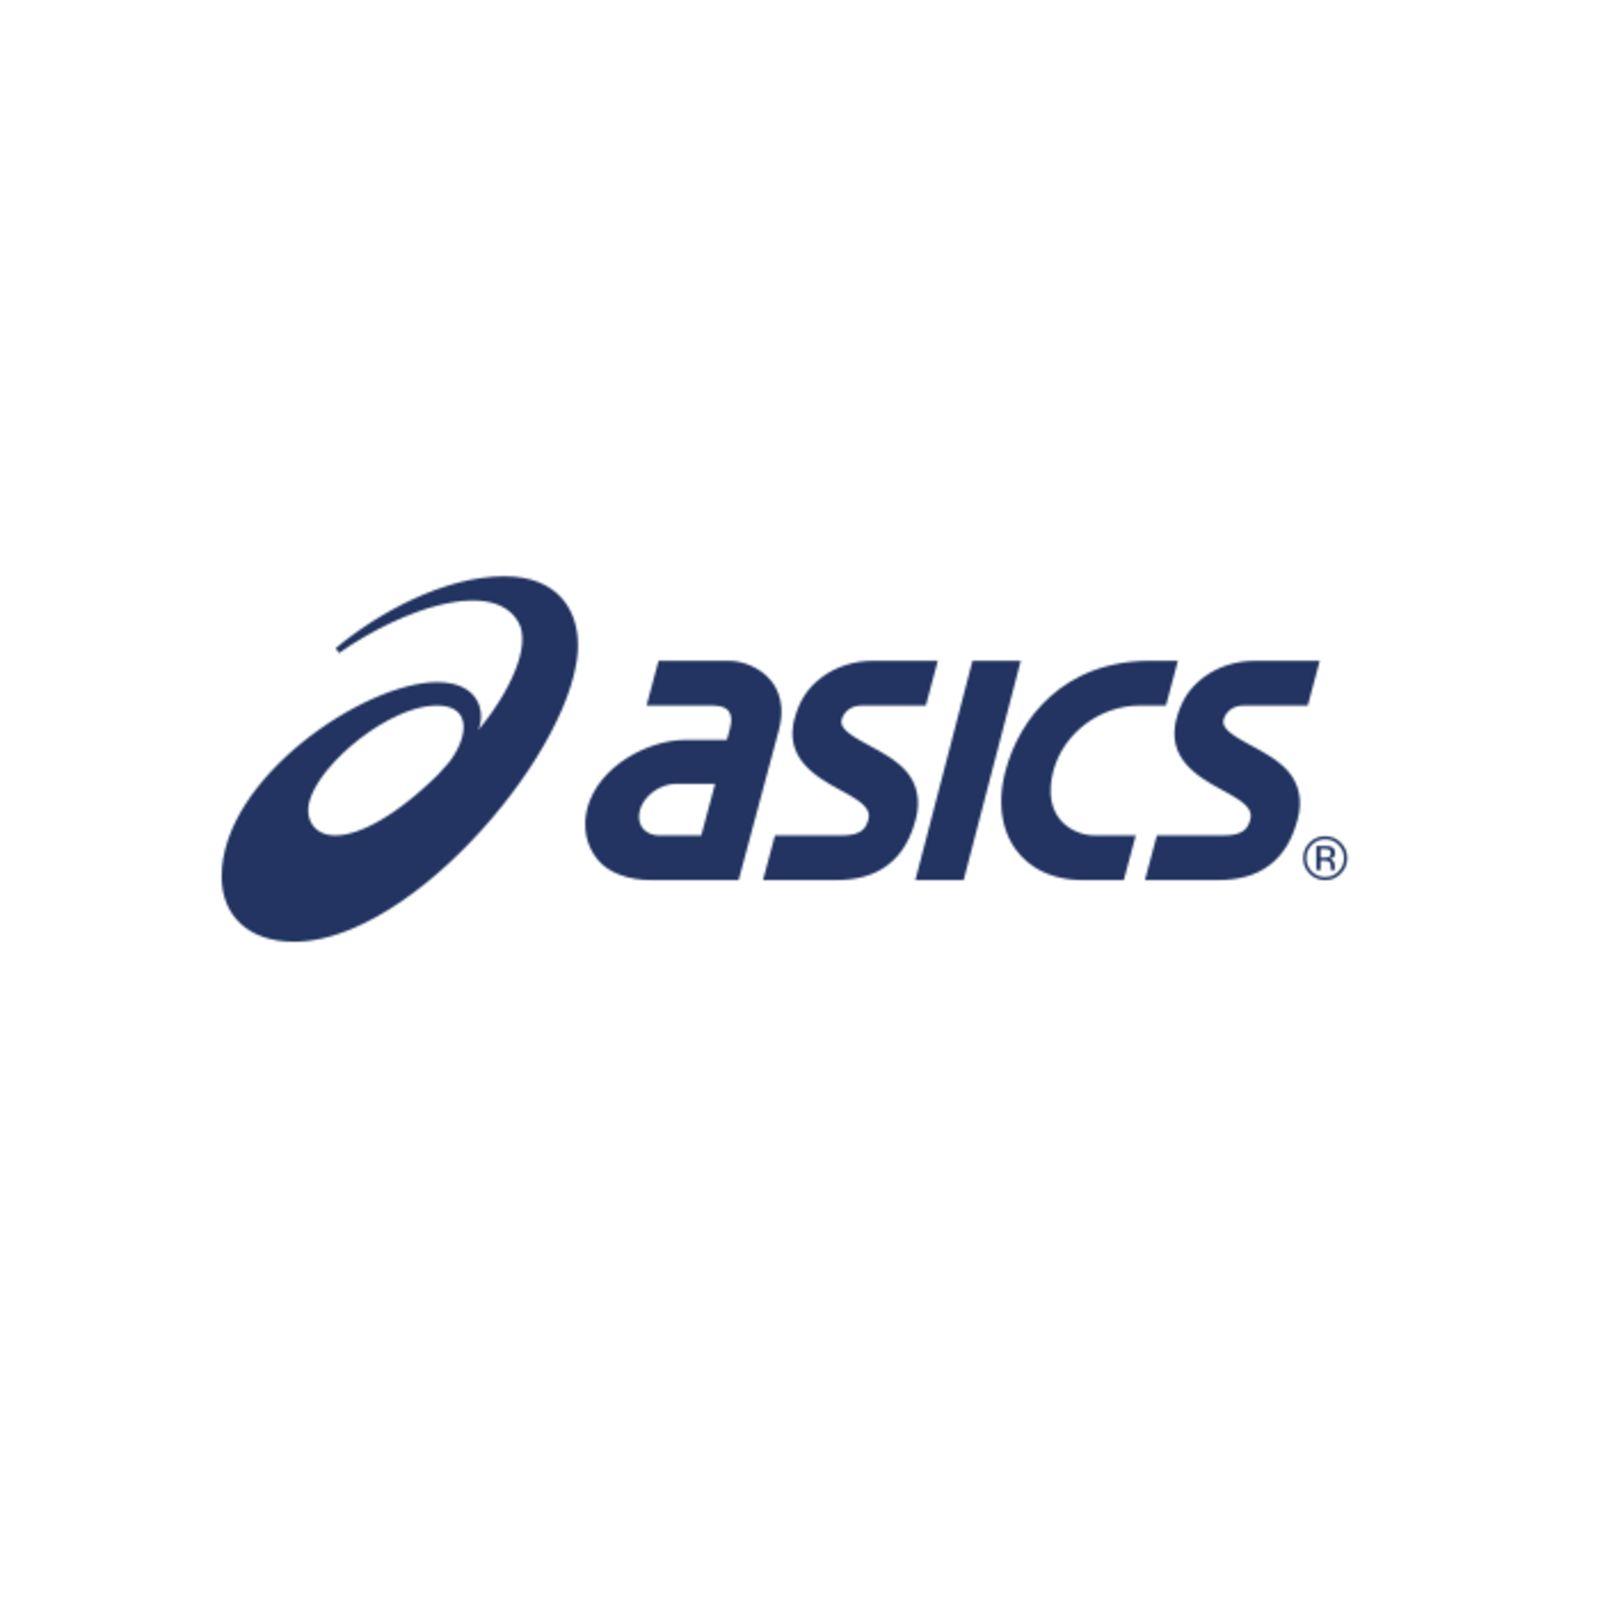 asics (Image 1)